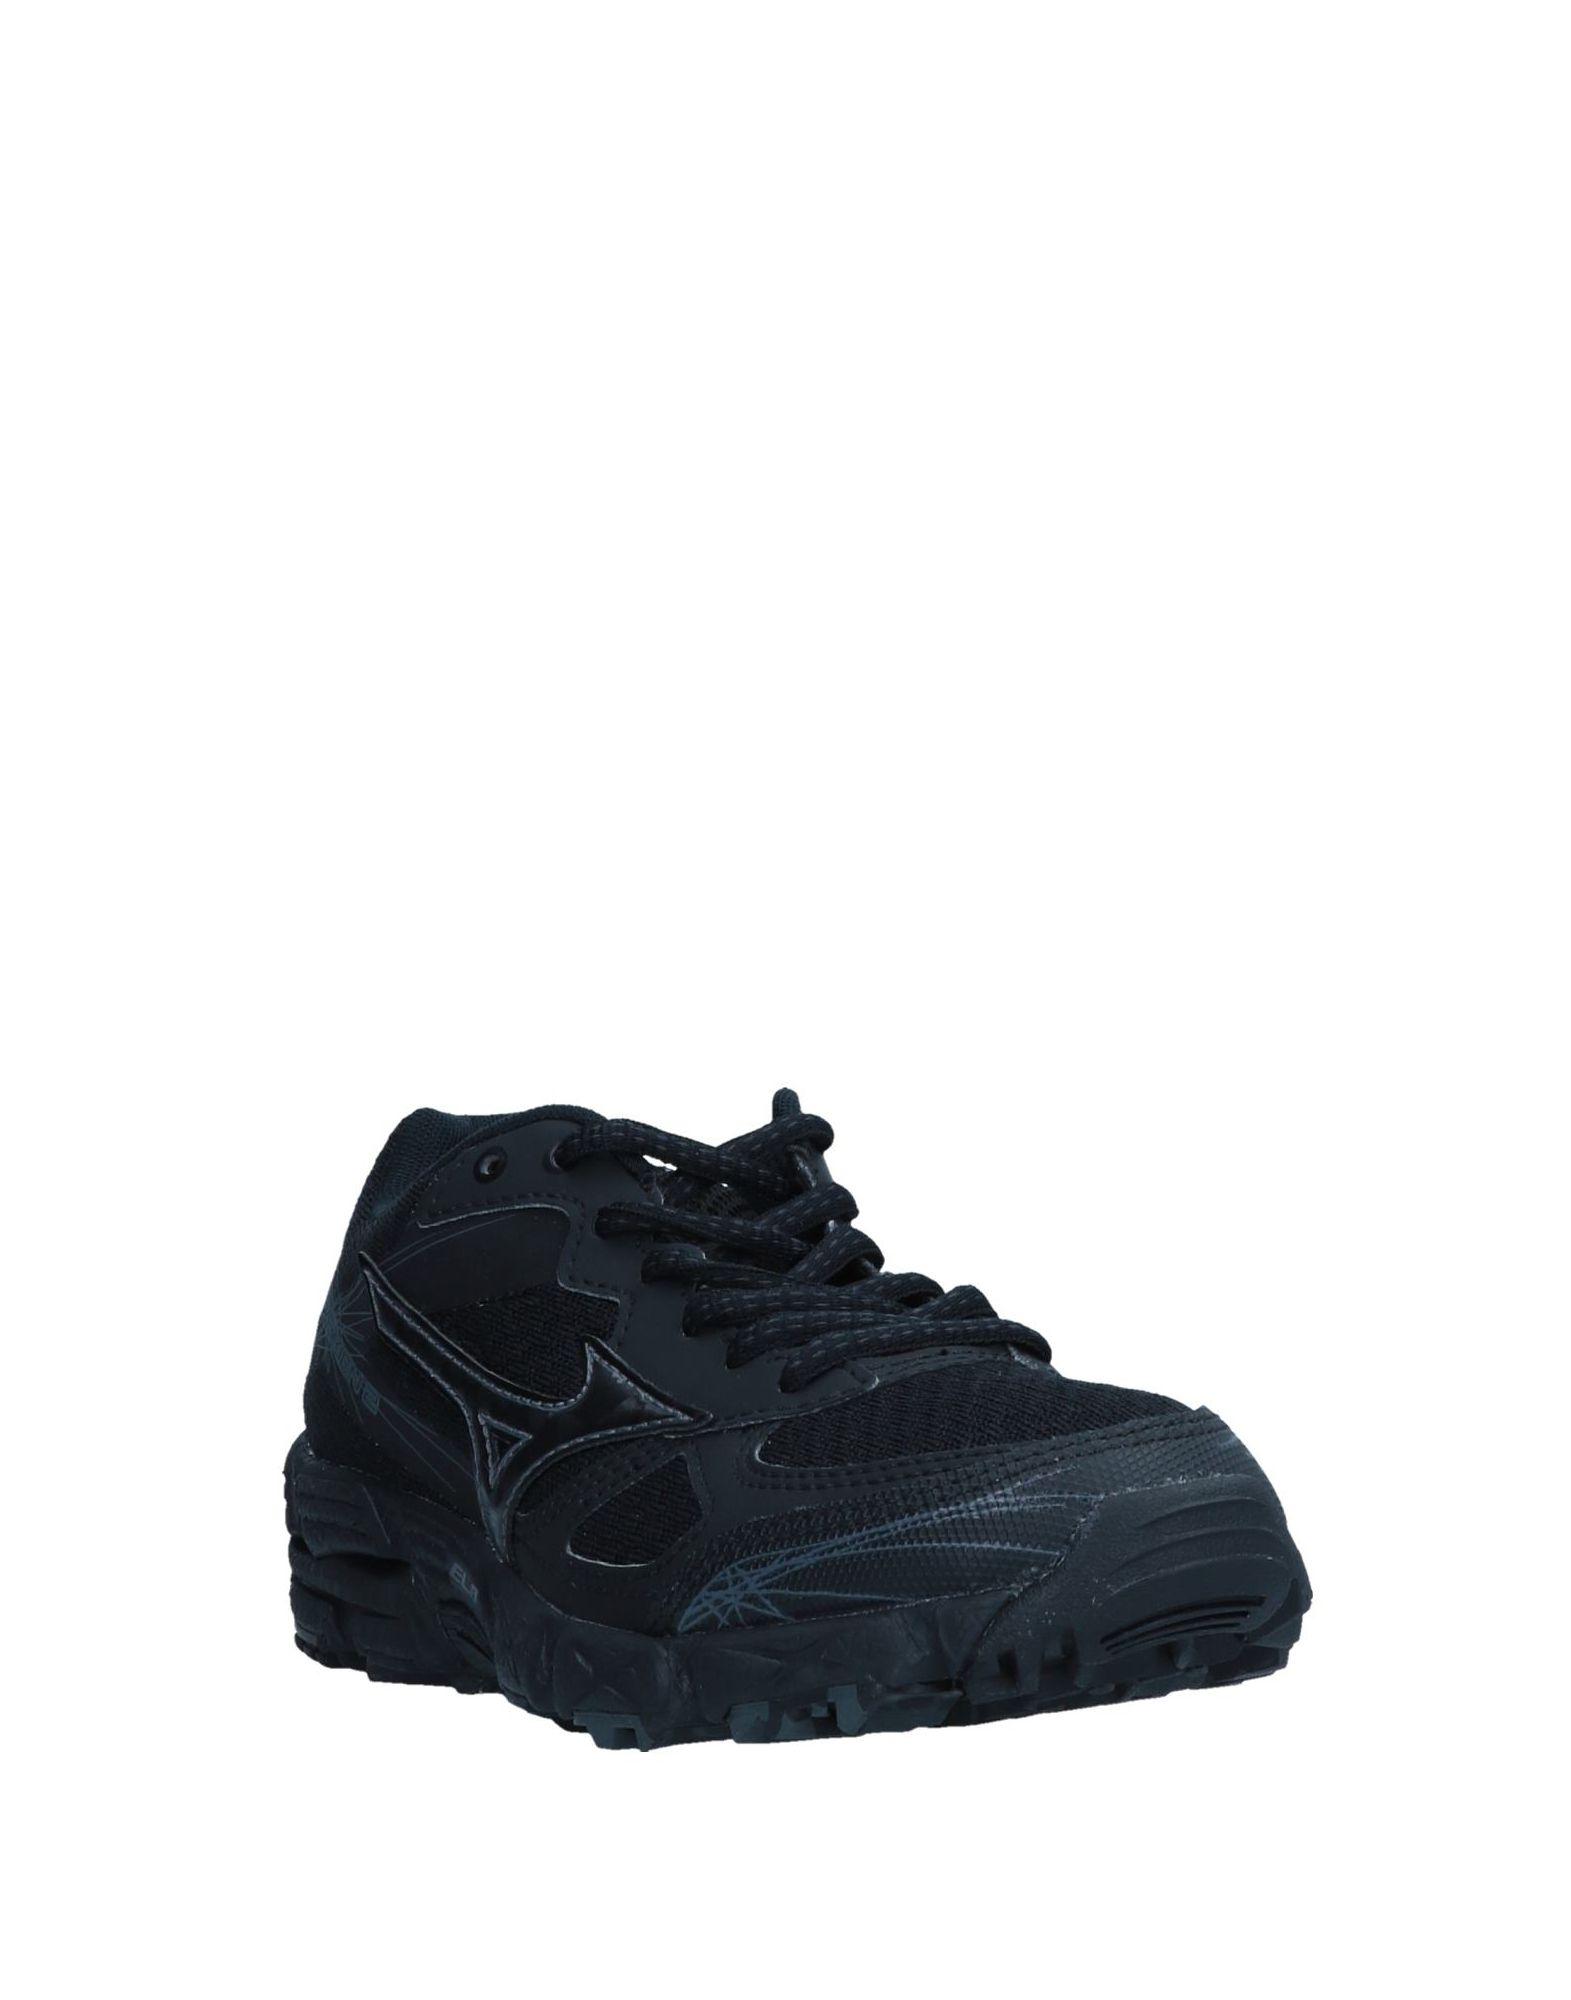 Rabatt Herren echte Schuhe Mizuno Sneakers Herren Rabatt  11546663UL 9e704b